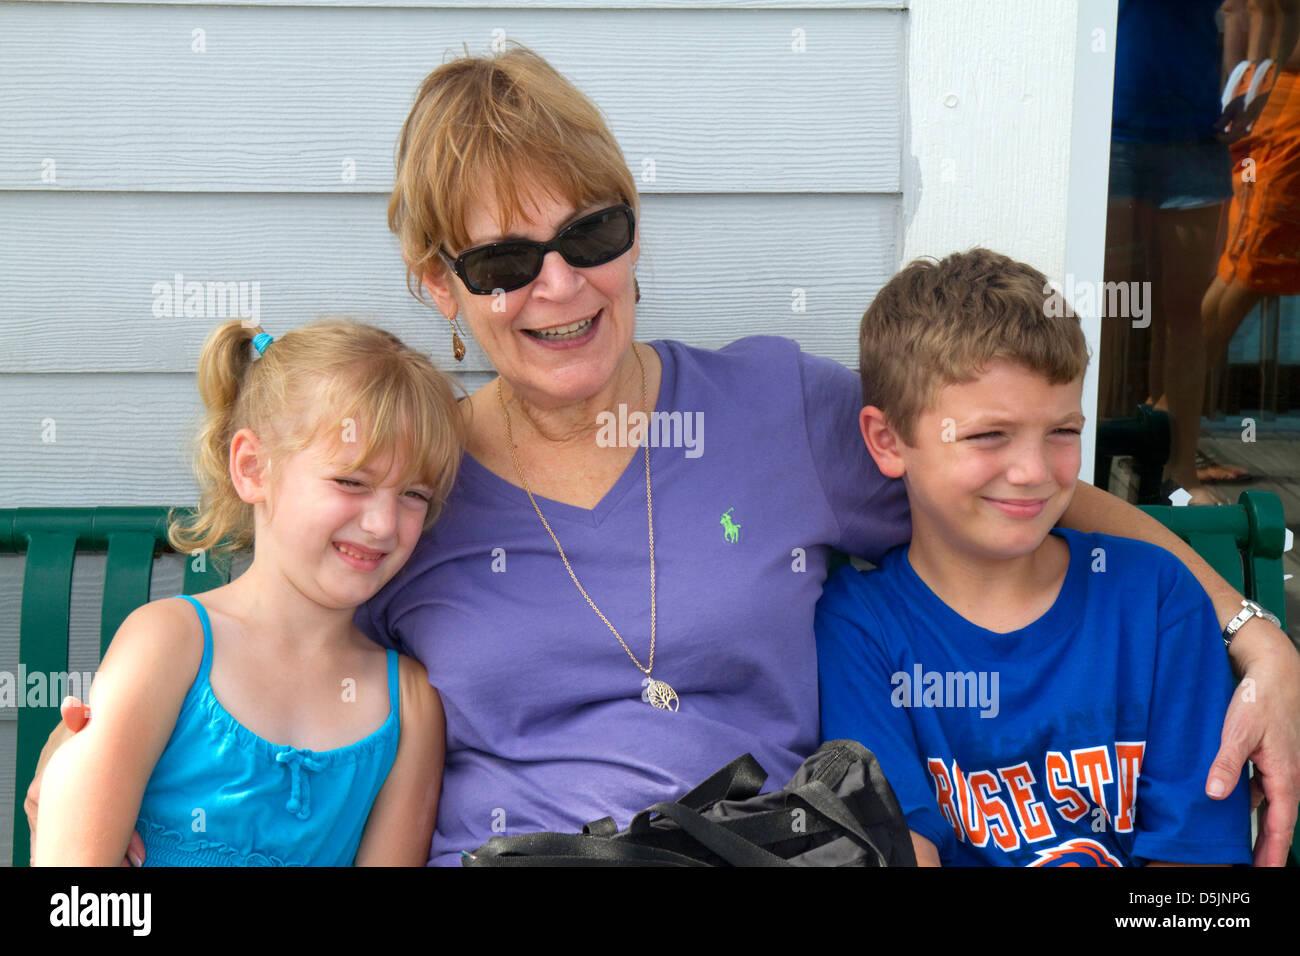 Nonna visita con il suo grand i bambini a Tampa, Florida, Stati Uniti d'America. Immagini Stock